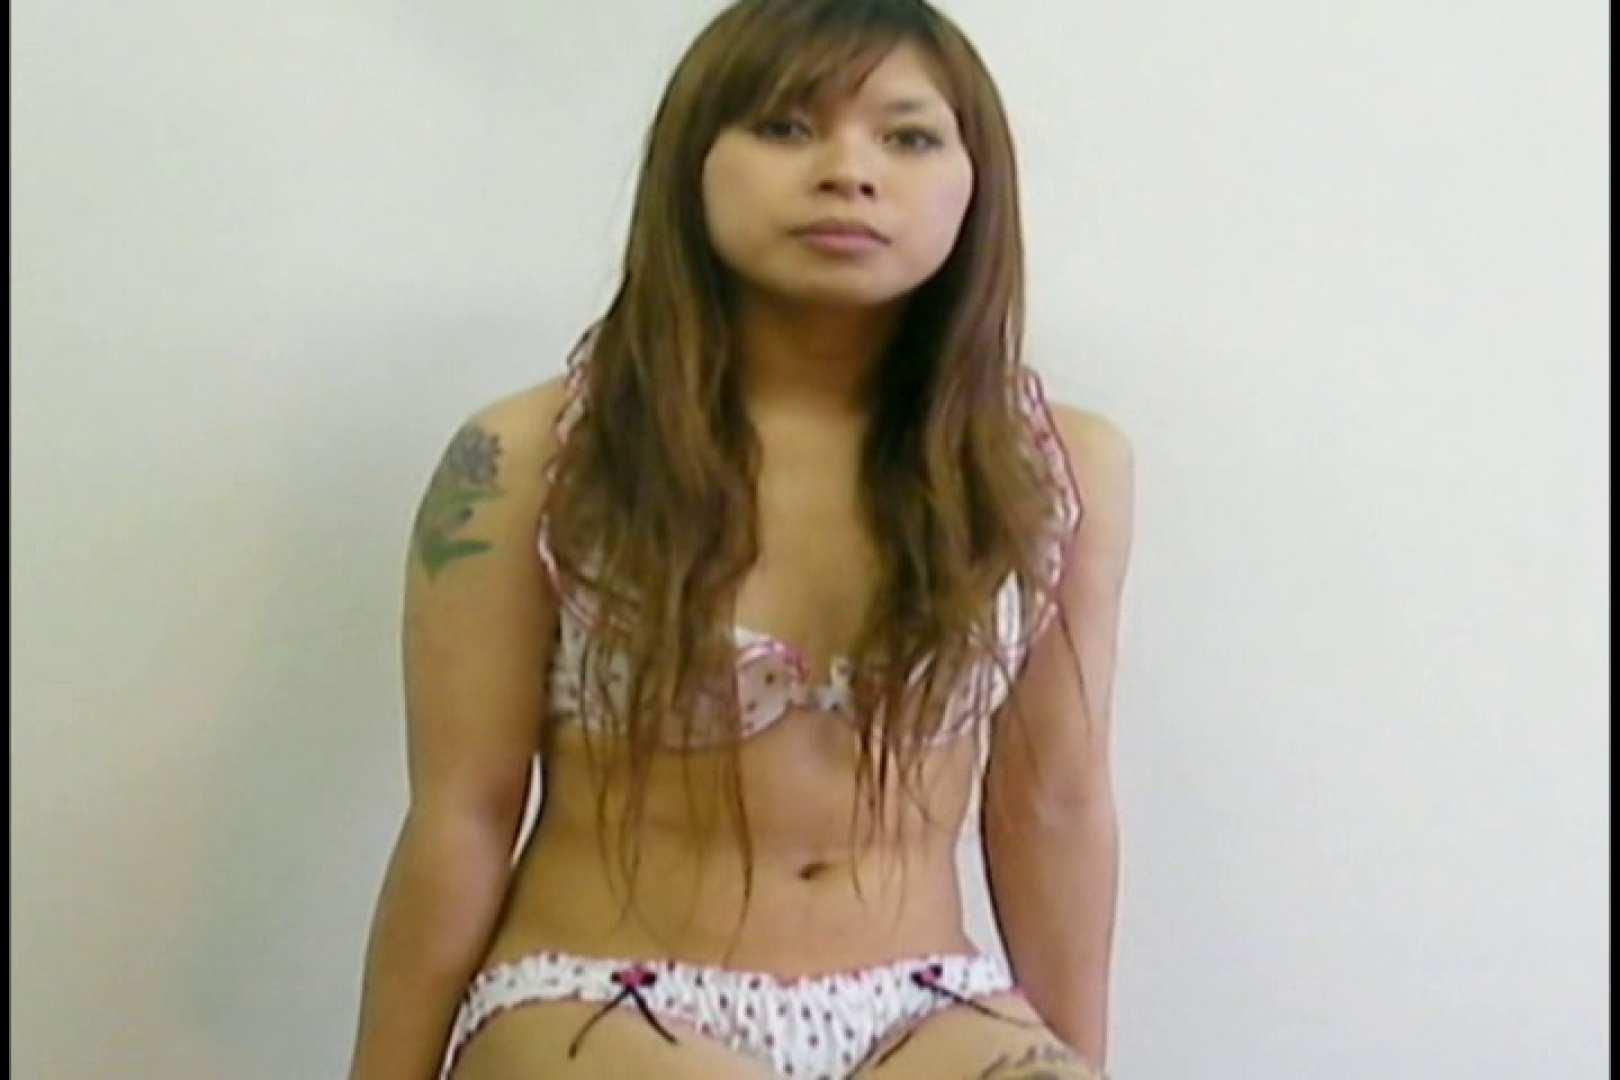 素人撮影 下着だけの撮影のはずが・・・ よしこ23歳 素人丸裸 | おっぱい  88pic 19